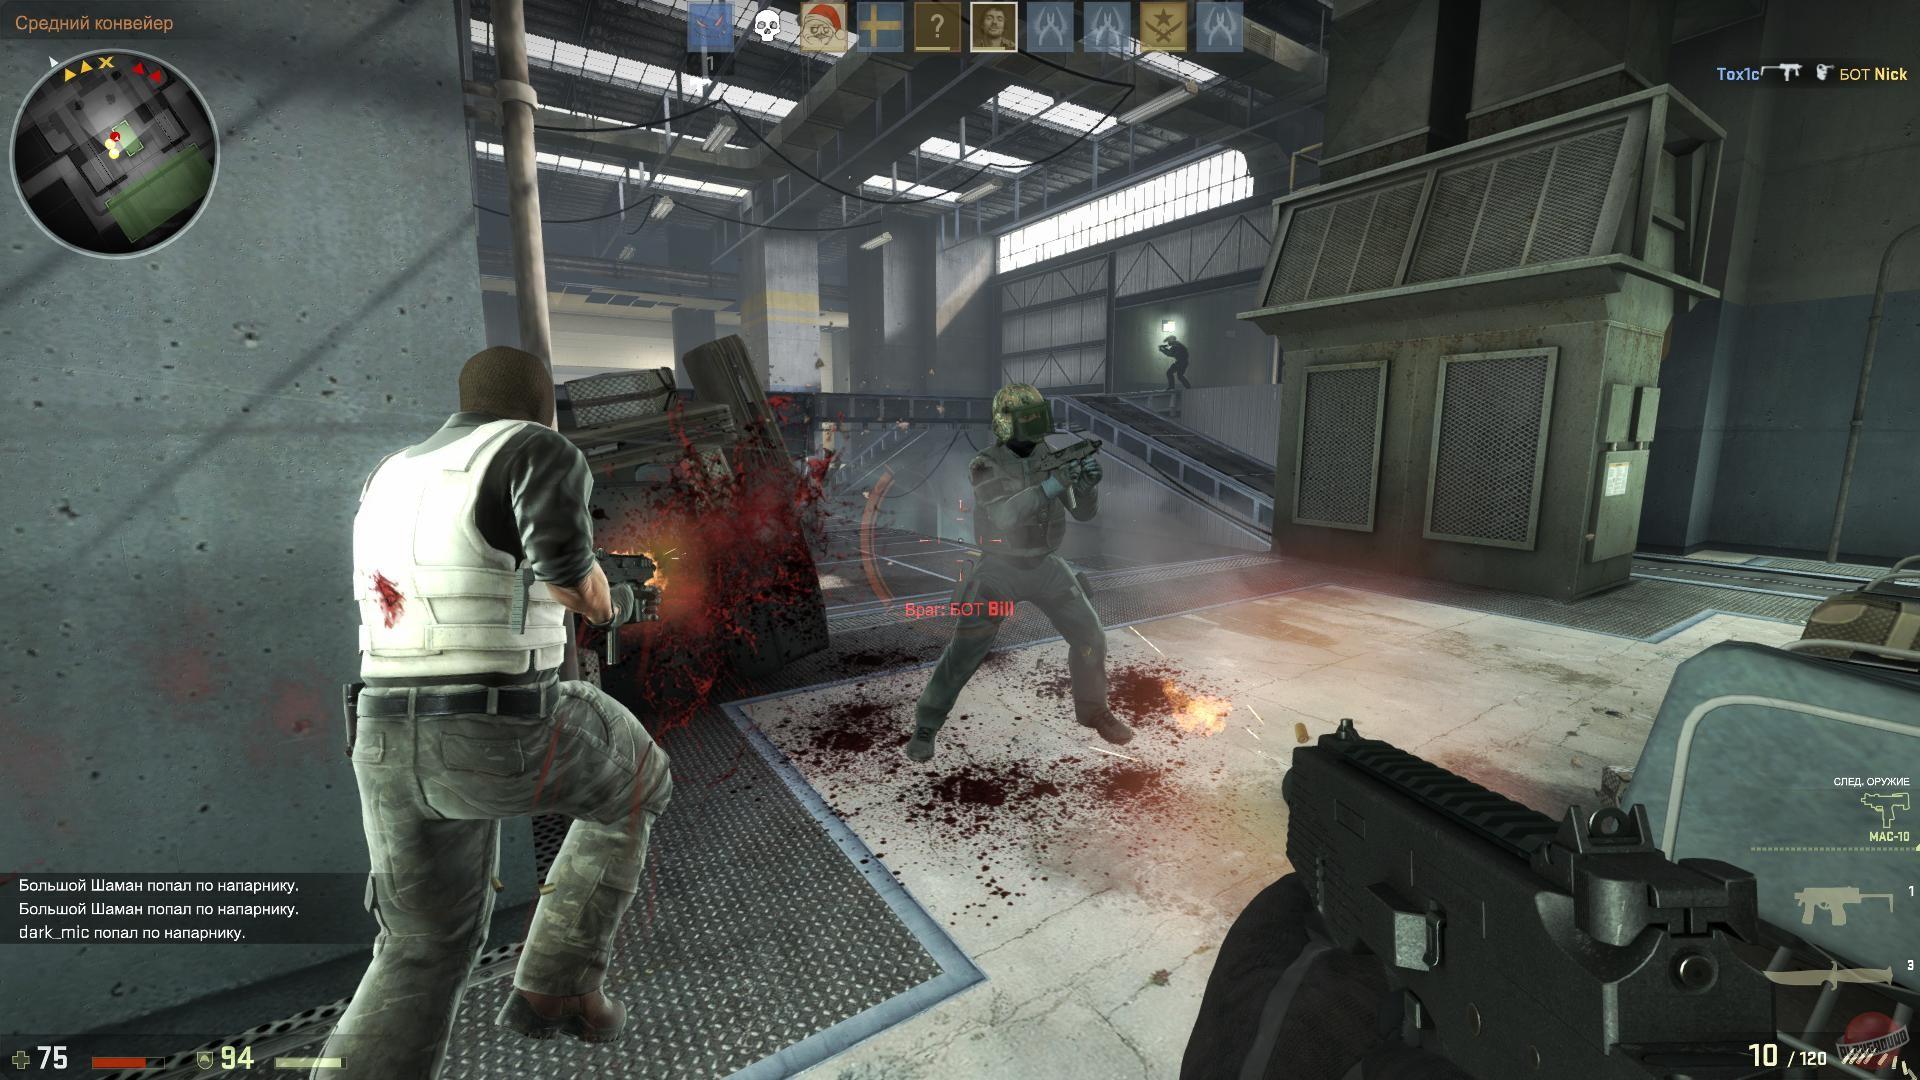 Руководство запуска: sniper elite 3 по сети бесплатно скачать.